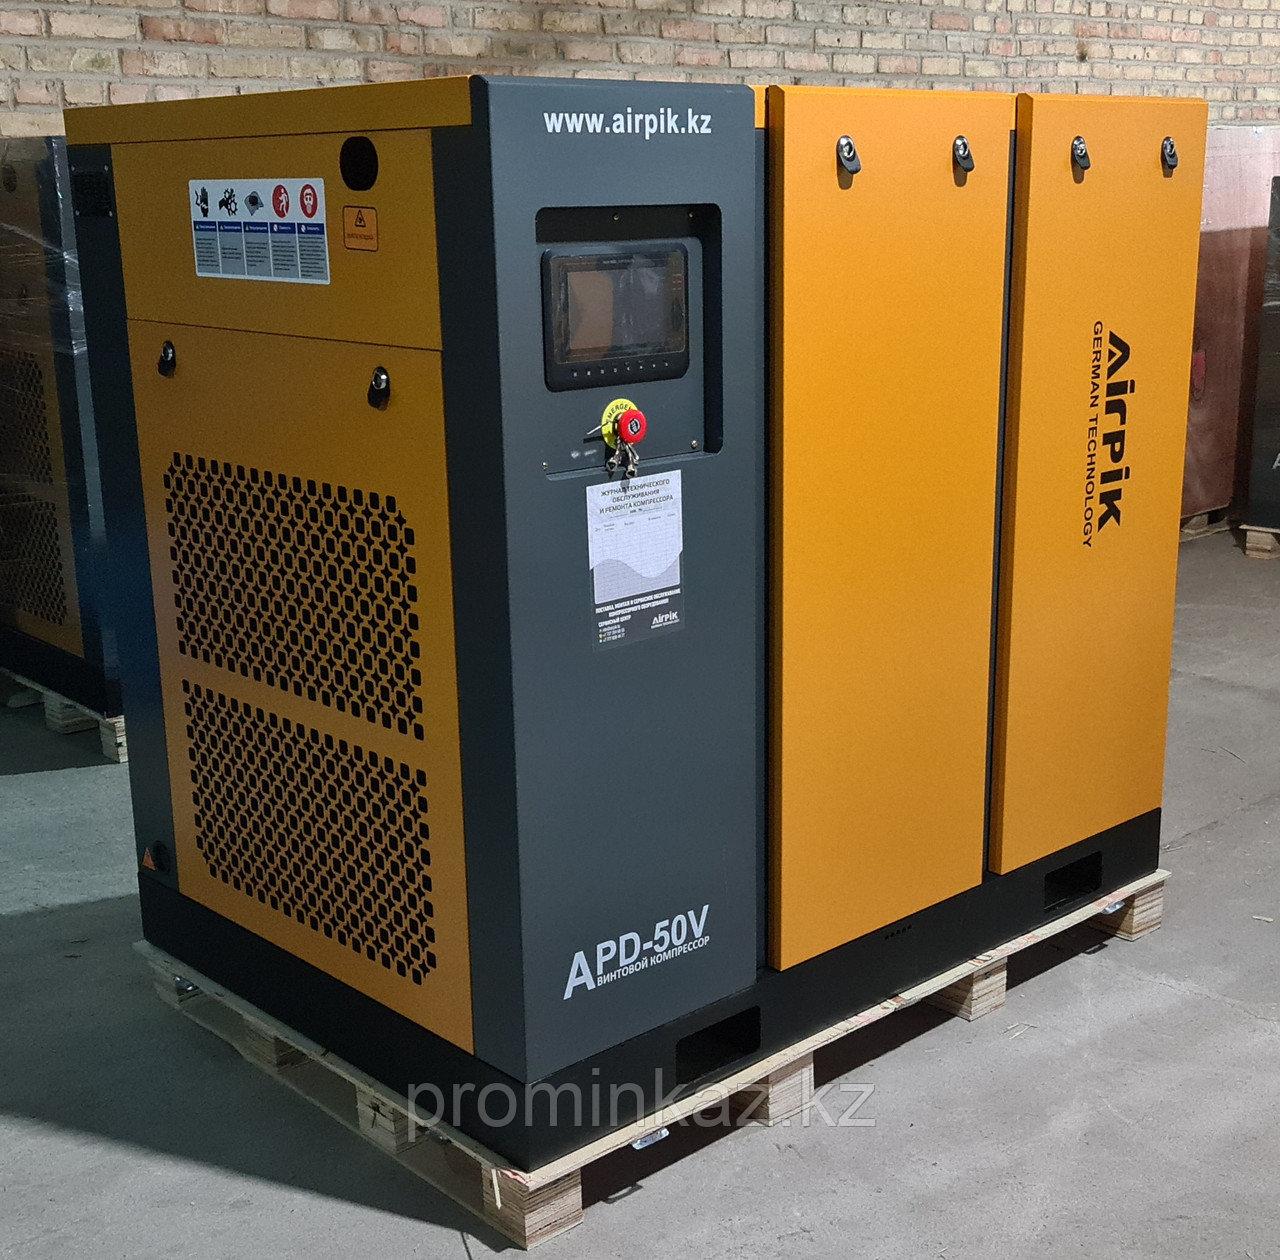 Винтовой компрессор APD-50V, -6,2 куб.м, 37кВт, (с частотным приводом+двиг.PM) AirPIK